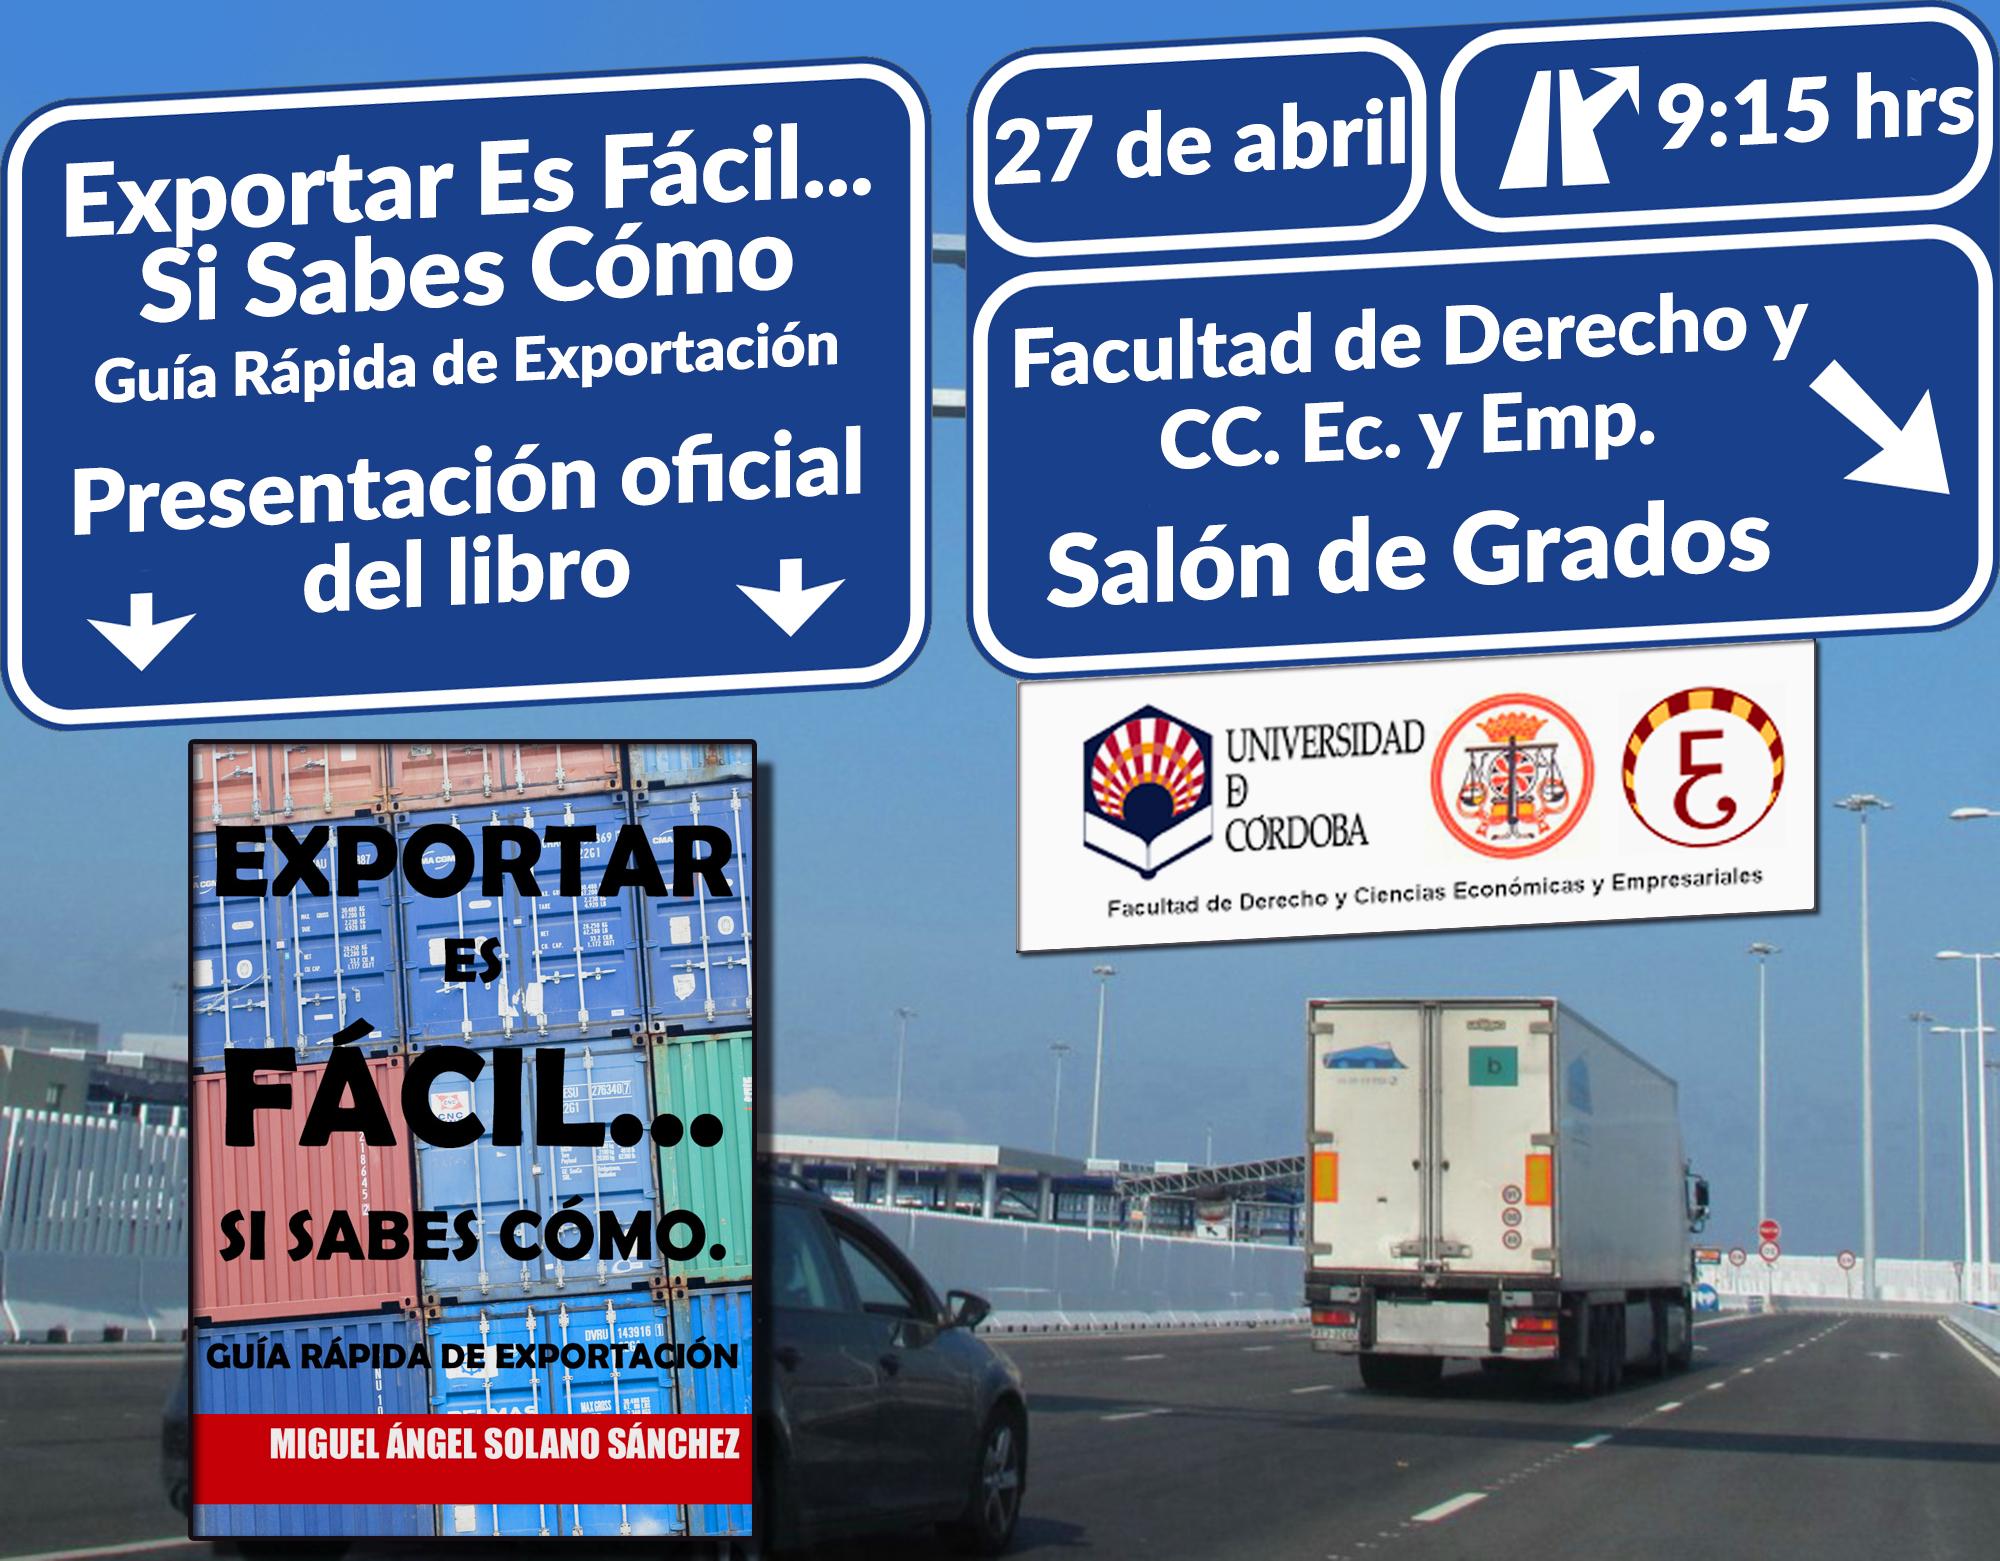 Presentación Oficial de Exportar Es Fácil Confirmada.